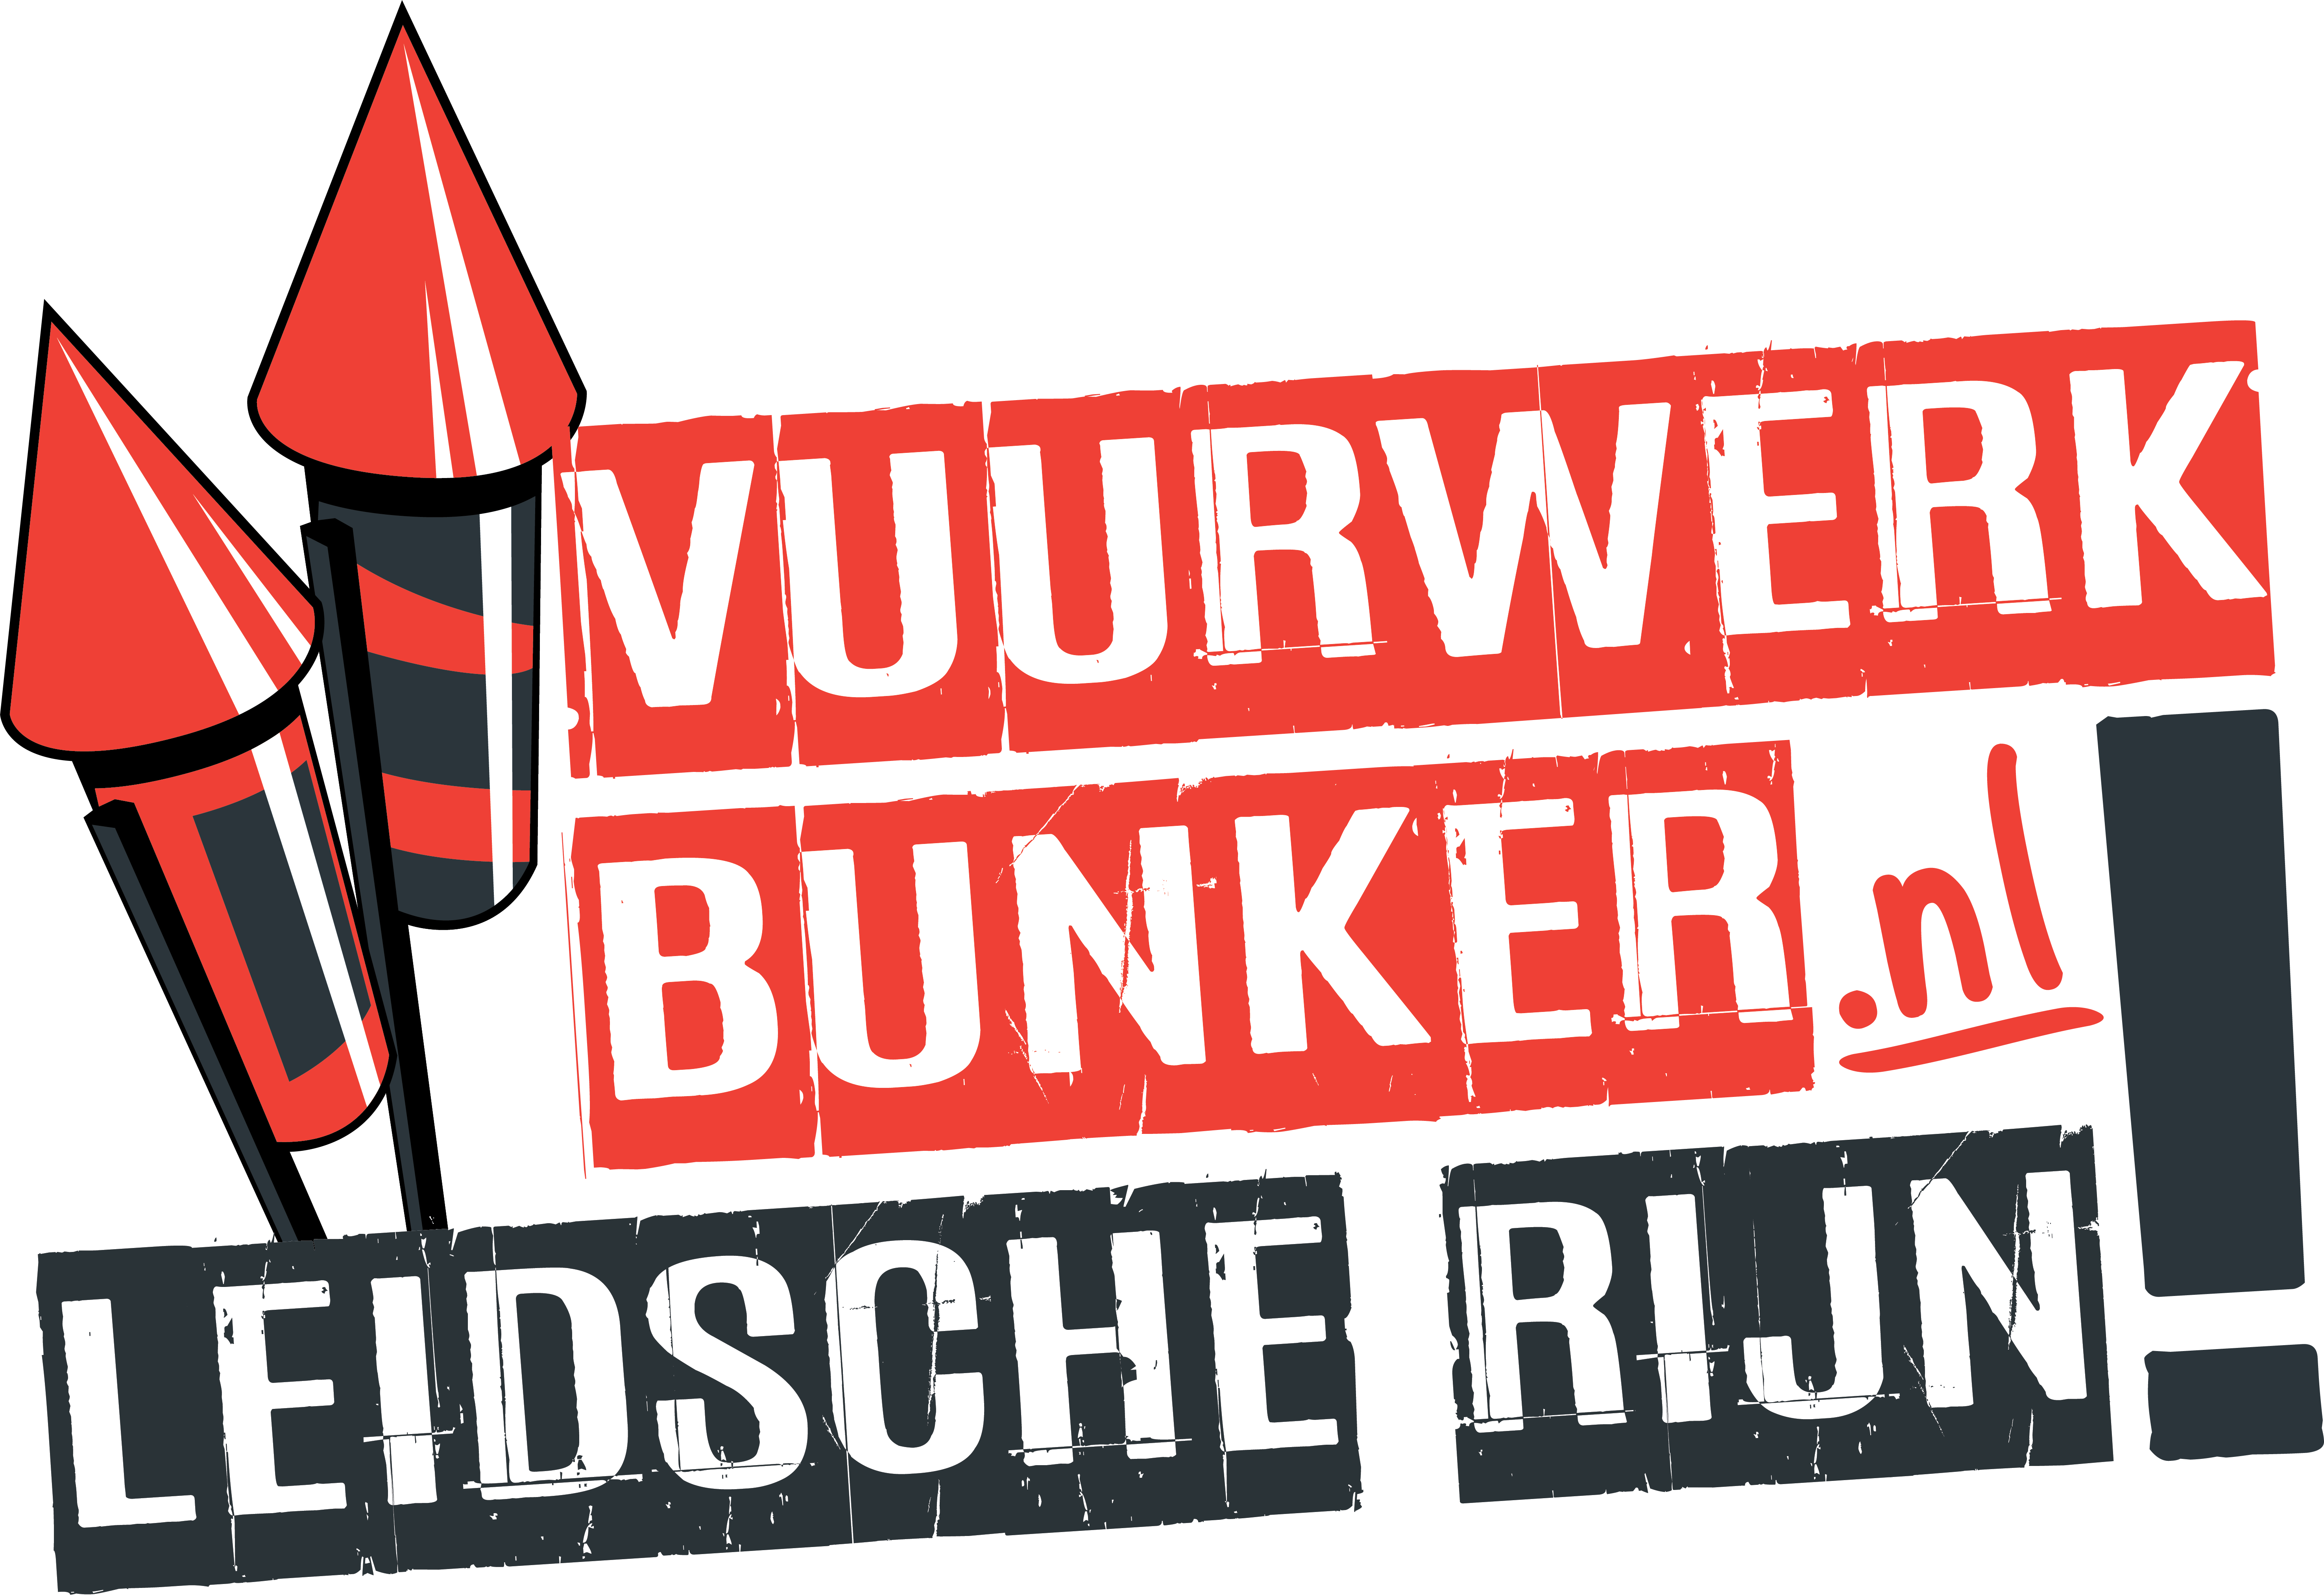 Vuurwerkbunker.nl Zoetermeer